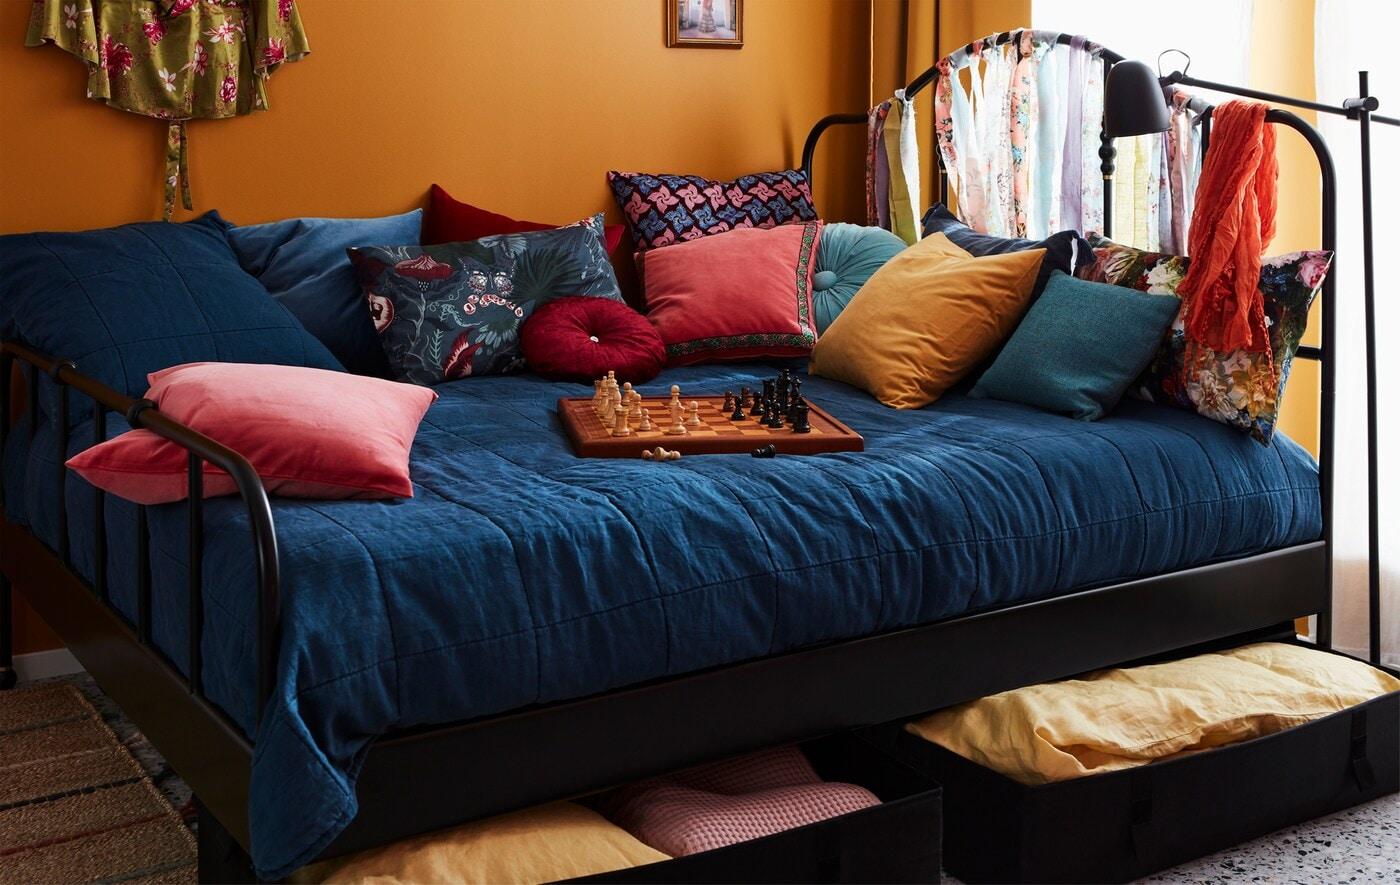 Большая разноцветная кровать с обилием декоративных подушек и шахматами. Постельное белье хранится в коробках снизу.